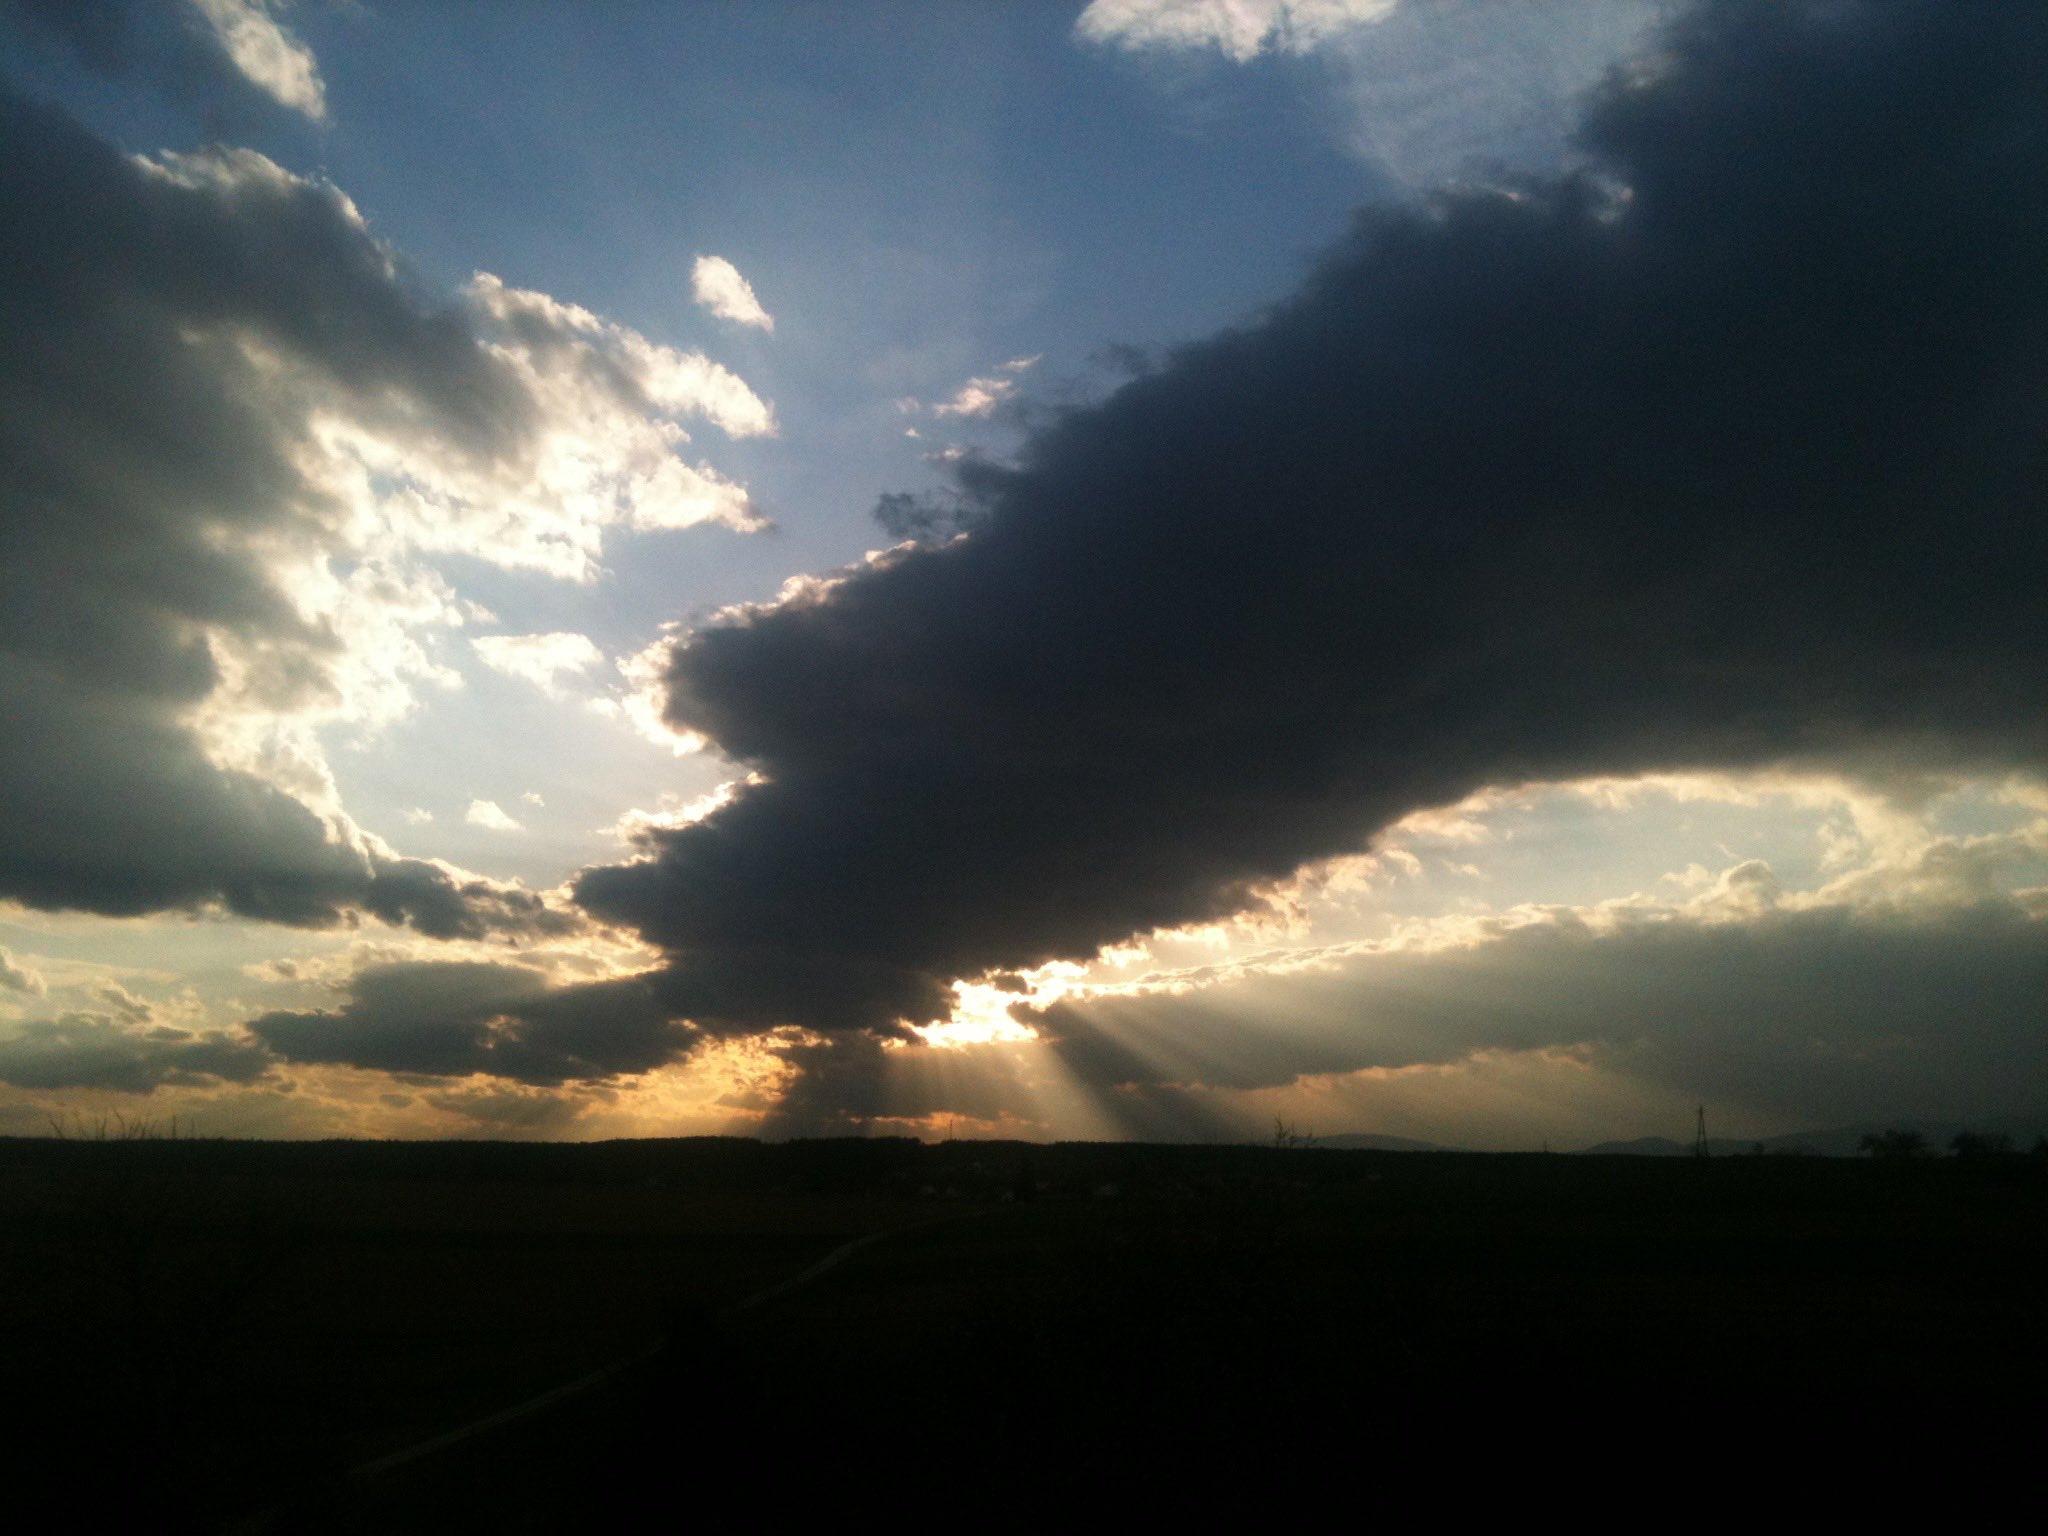 abendliche Stimmung am Himmel